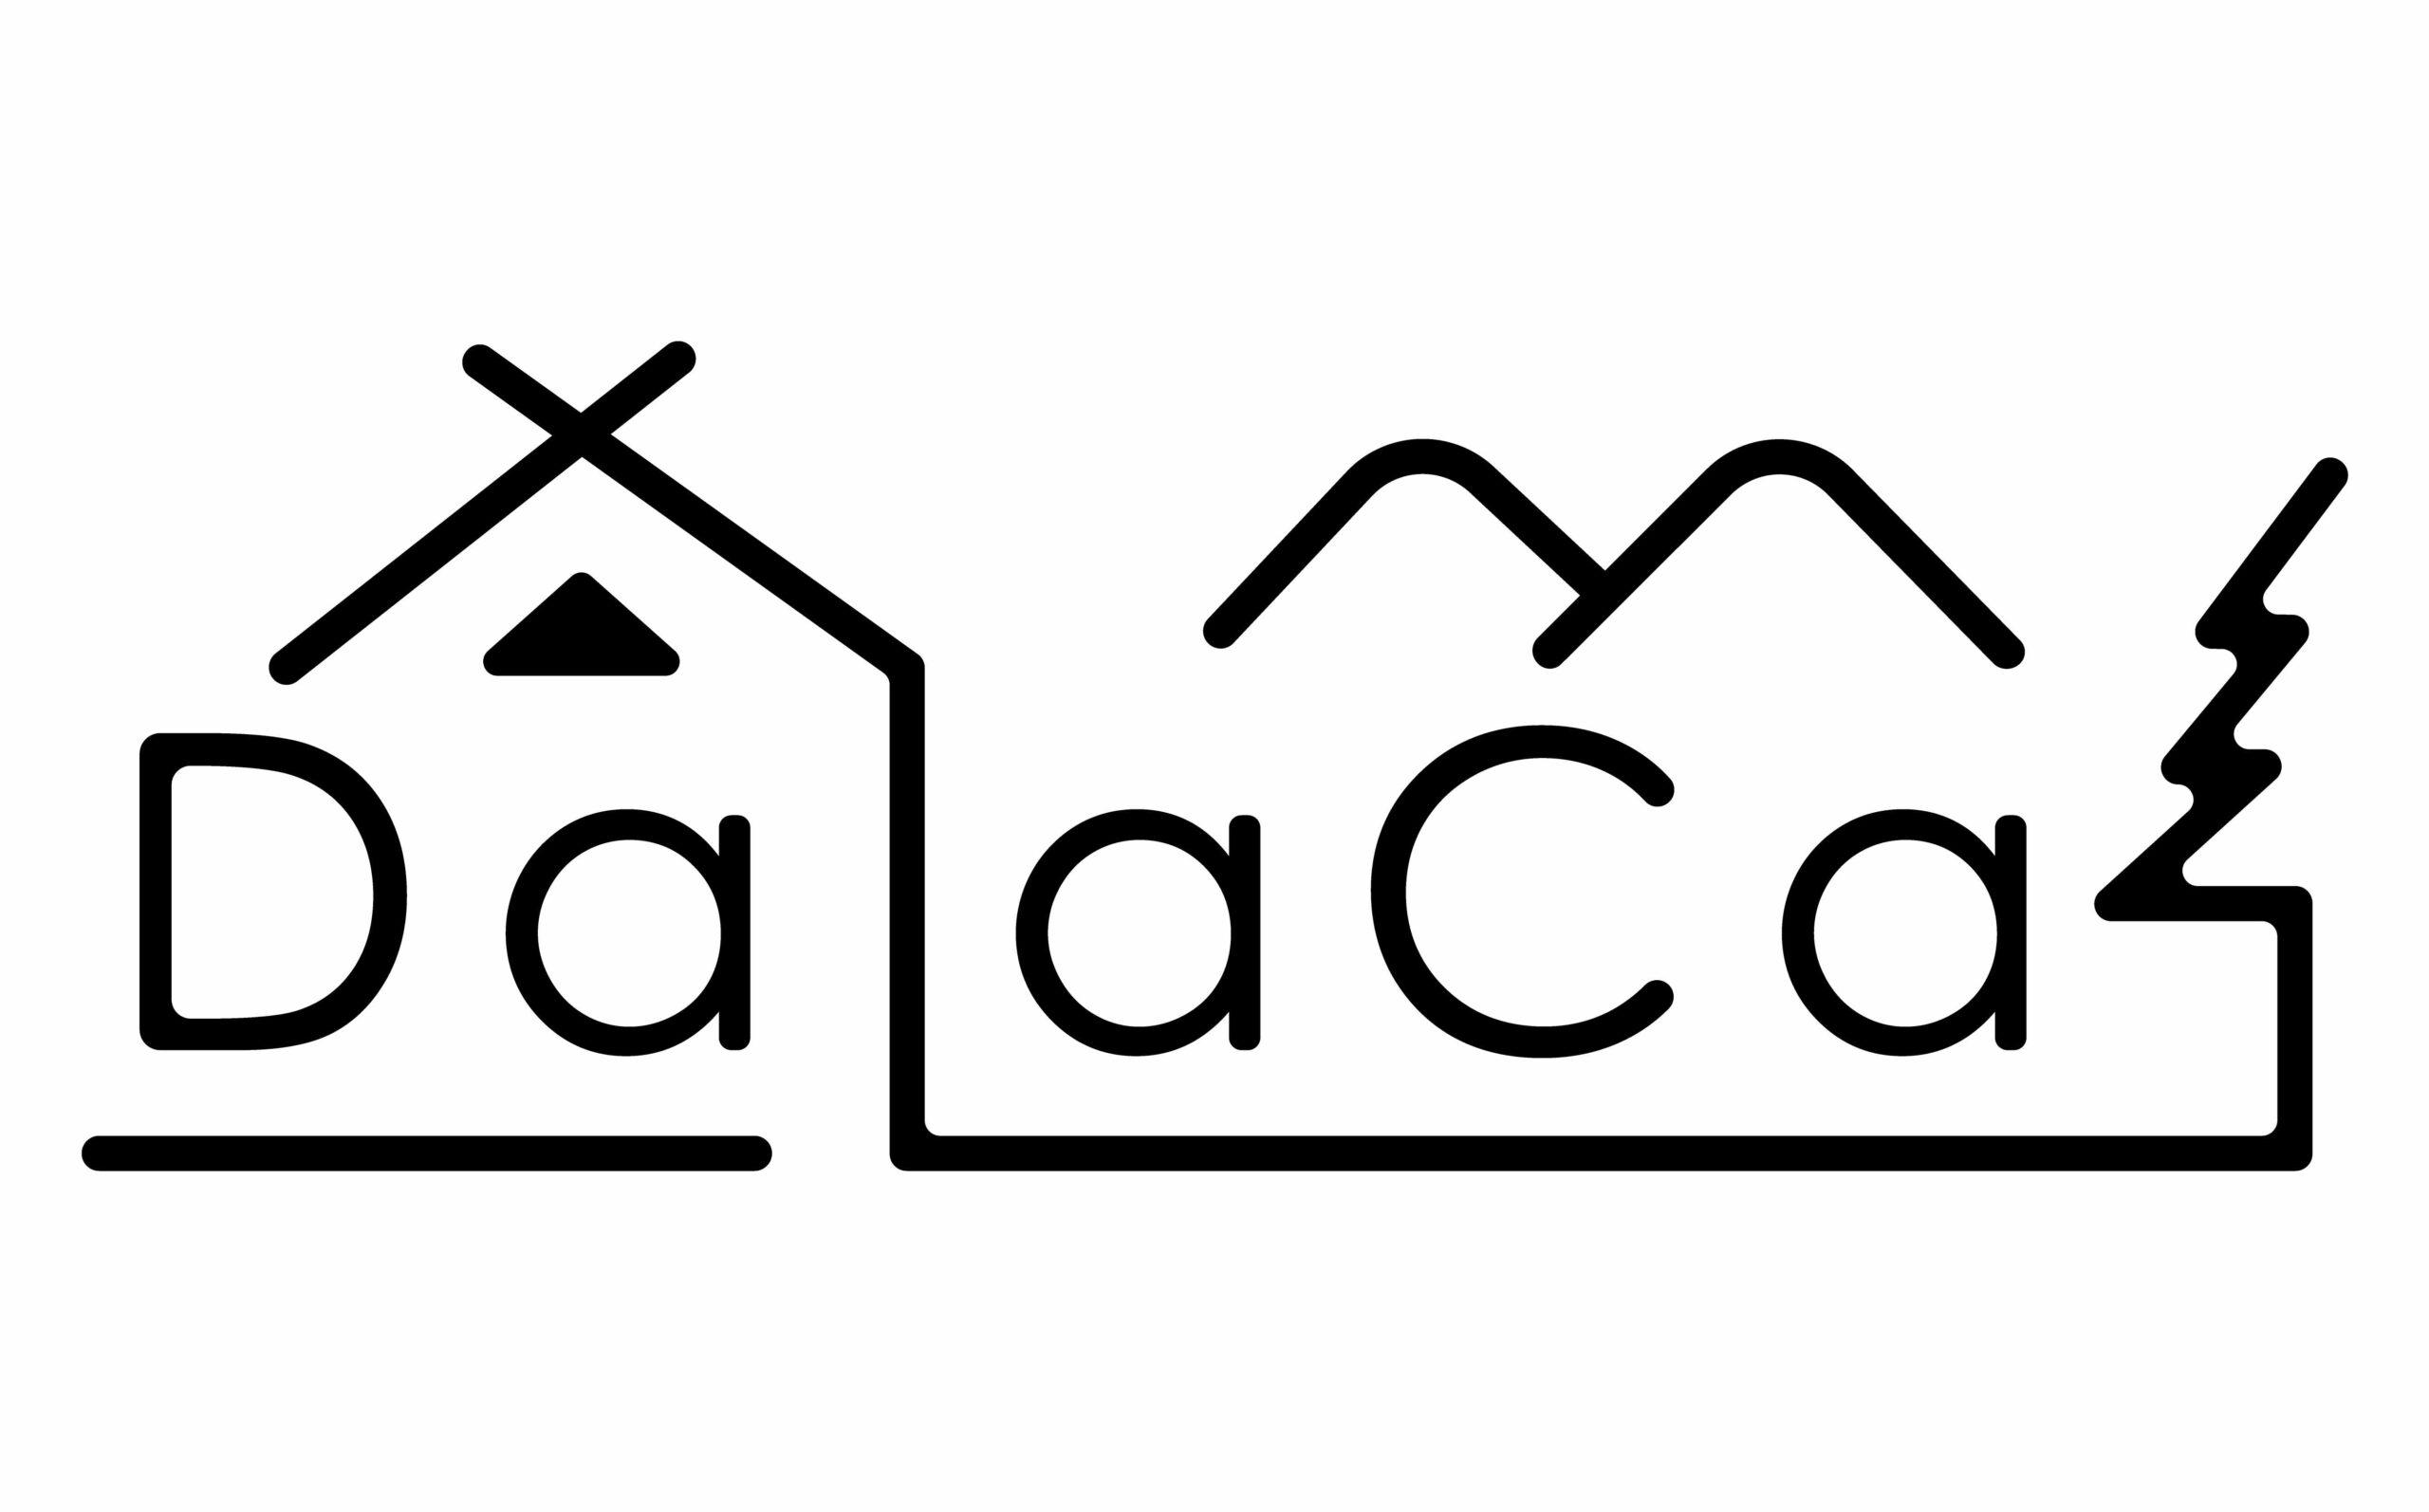 日本生まれの最高品質アウトドアブランド|DaLaCa 「 贅沢なダラダラと 価値のあるワクワクを 」  DaLaCaは、あなたの空間に寄り添う日本生まれのアウトドアブランドです。 アイテムを手にした瞬間、日常から飛び出した特別な時間が始まります。